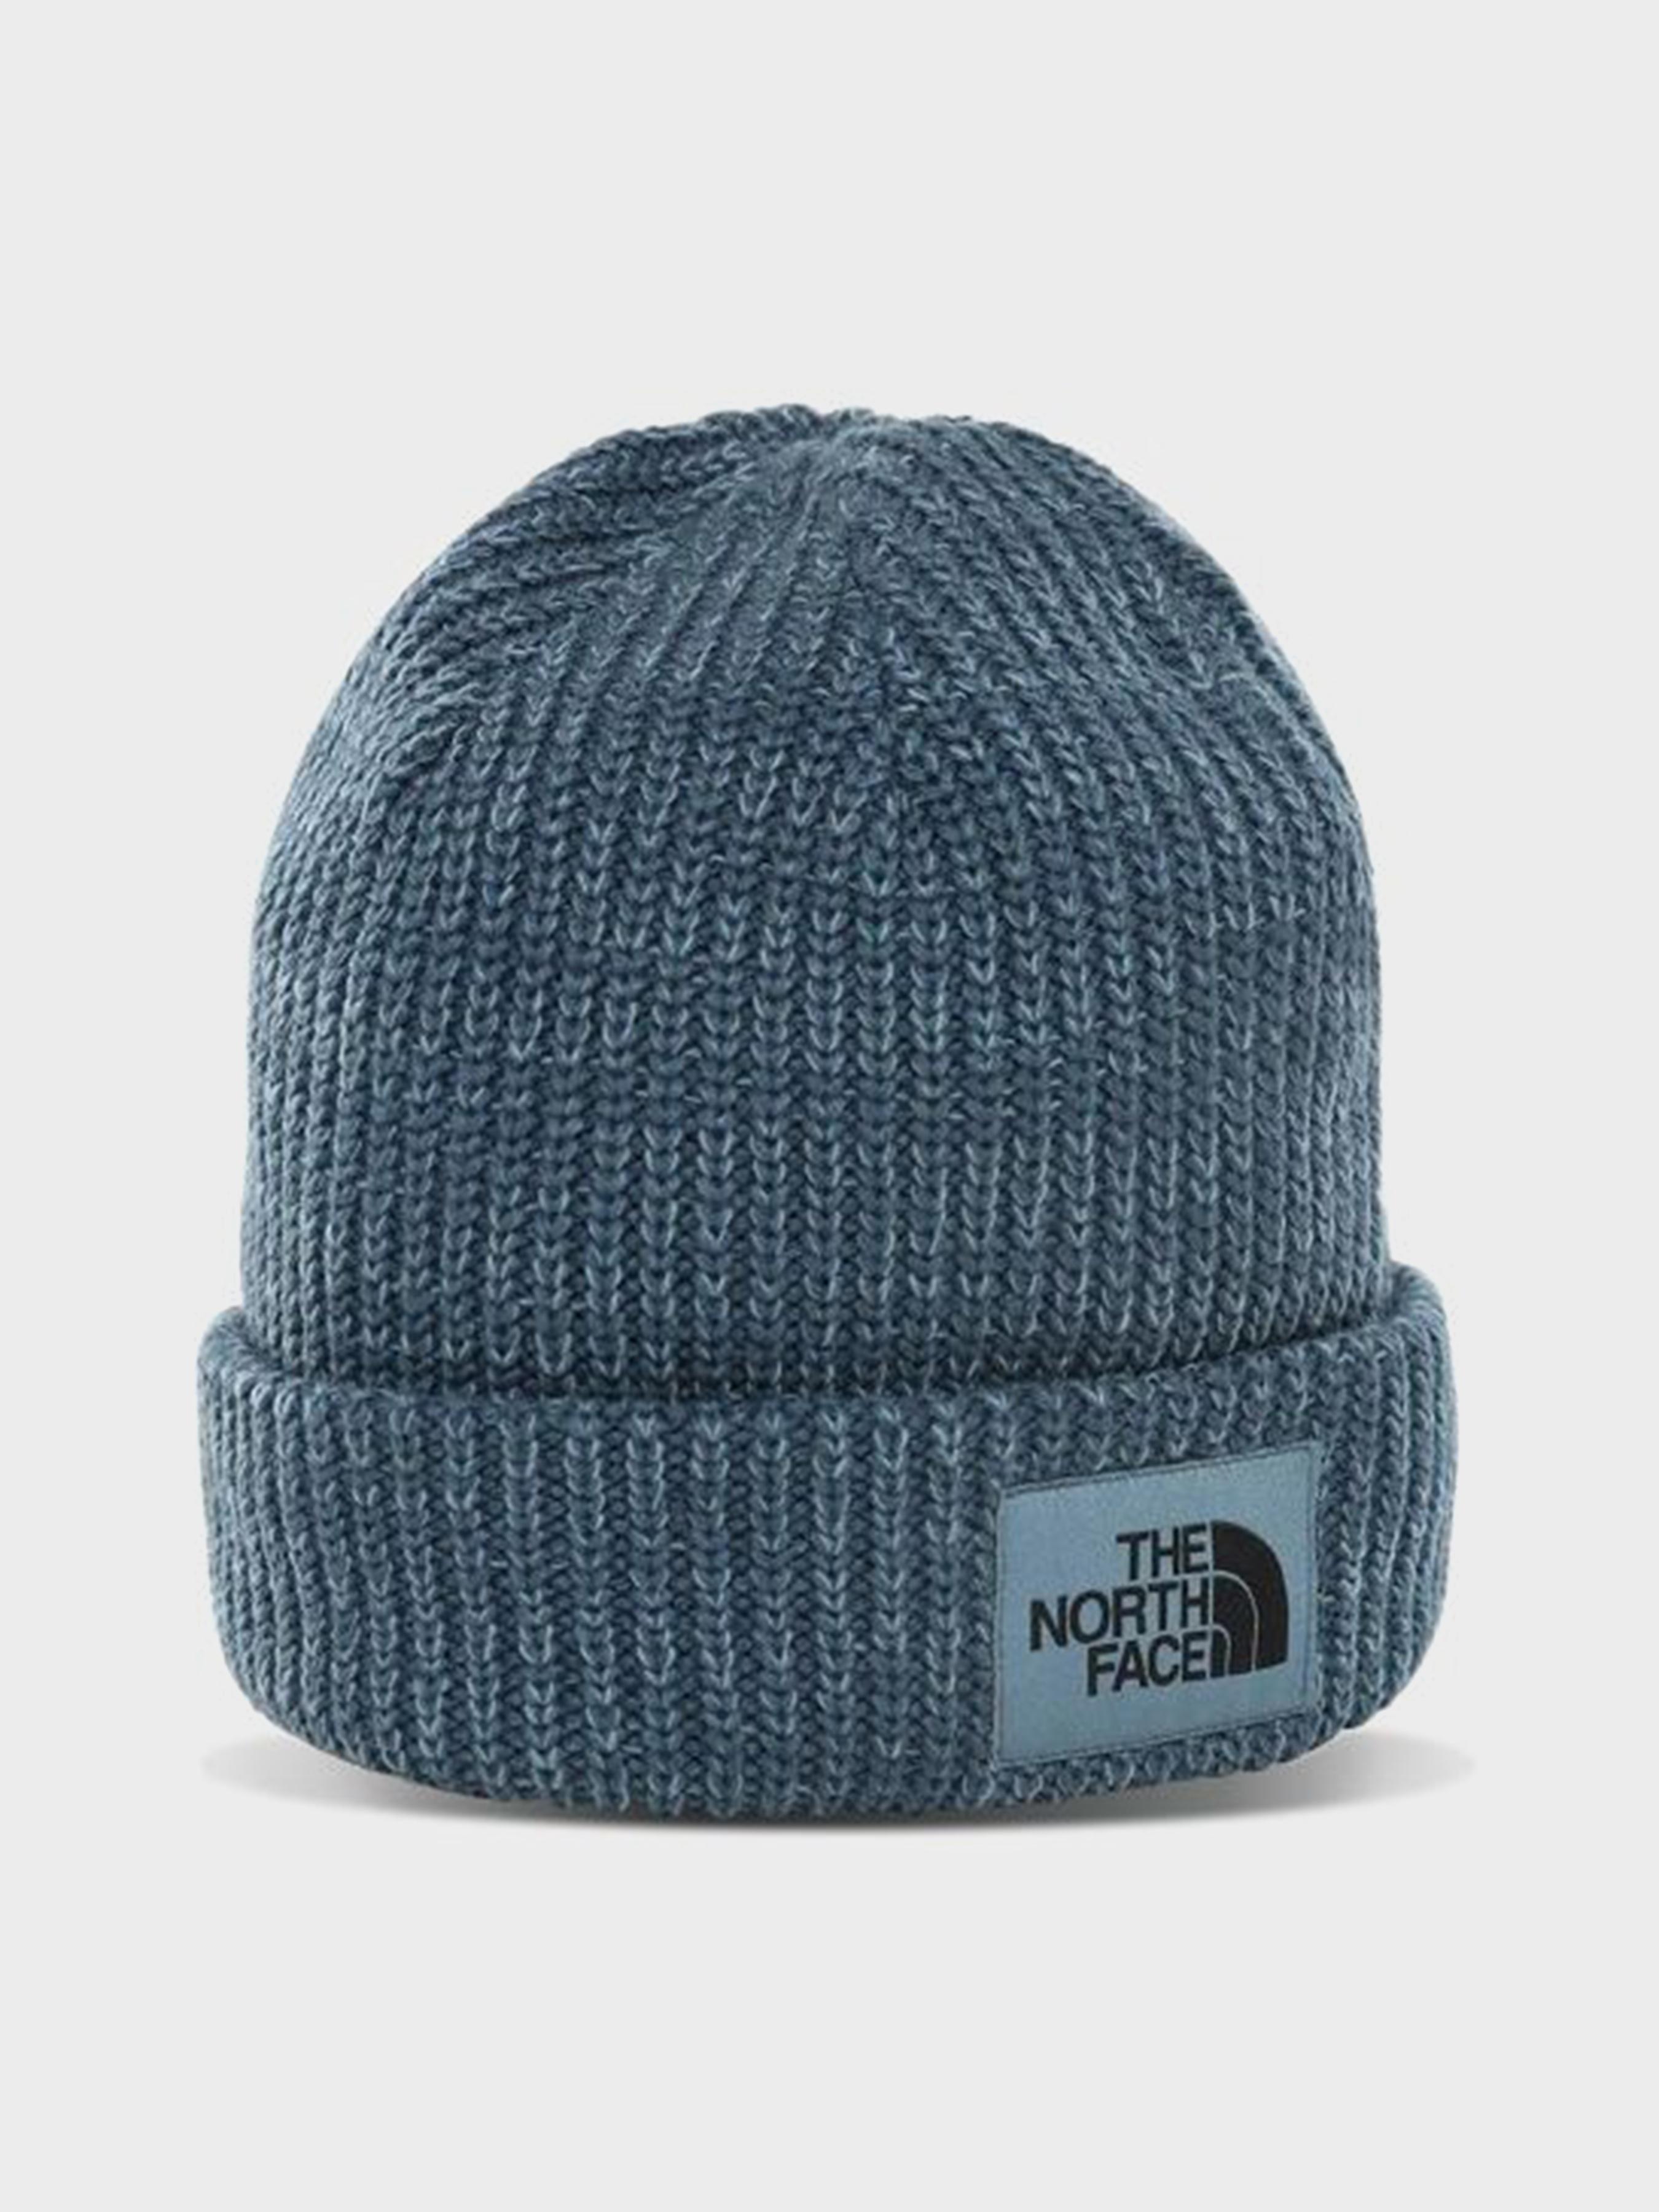 Купить Шапка женские модель 7Z99, The North Face, Синий